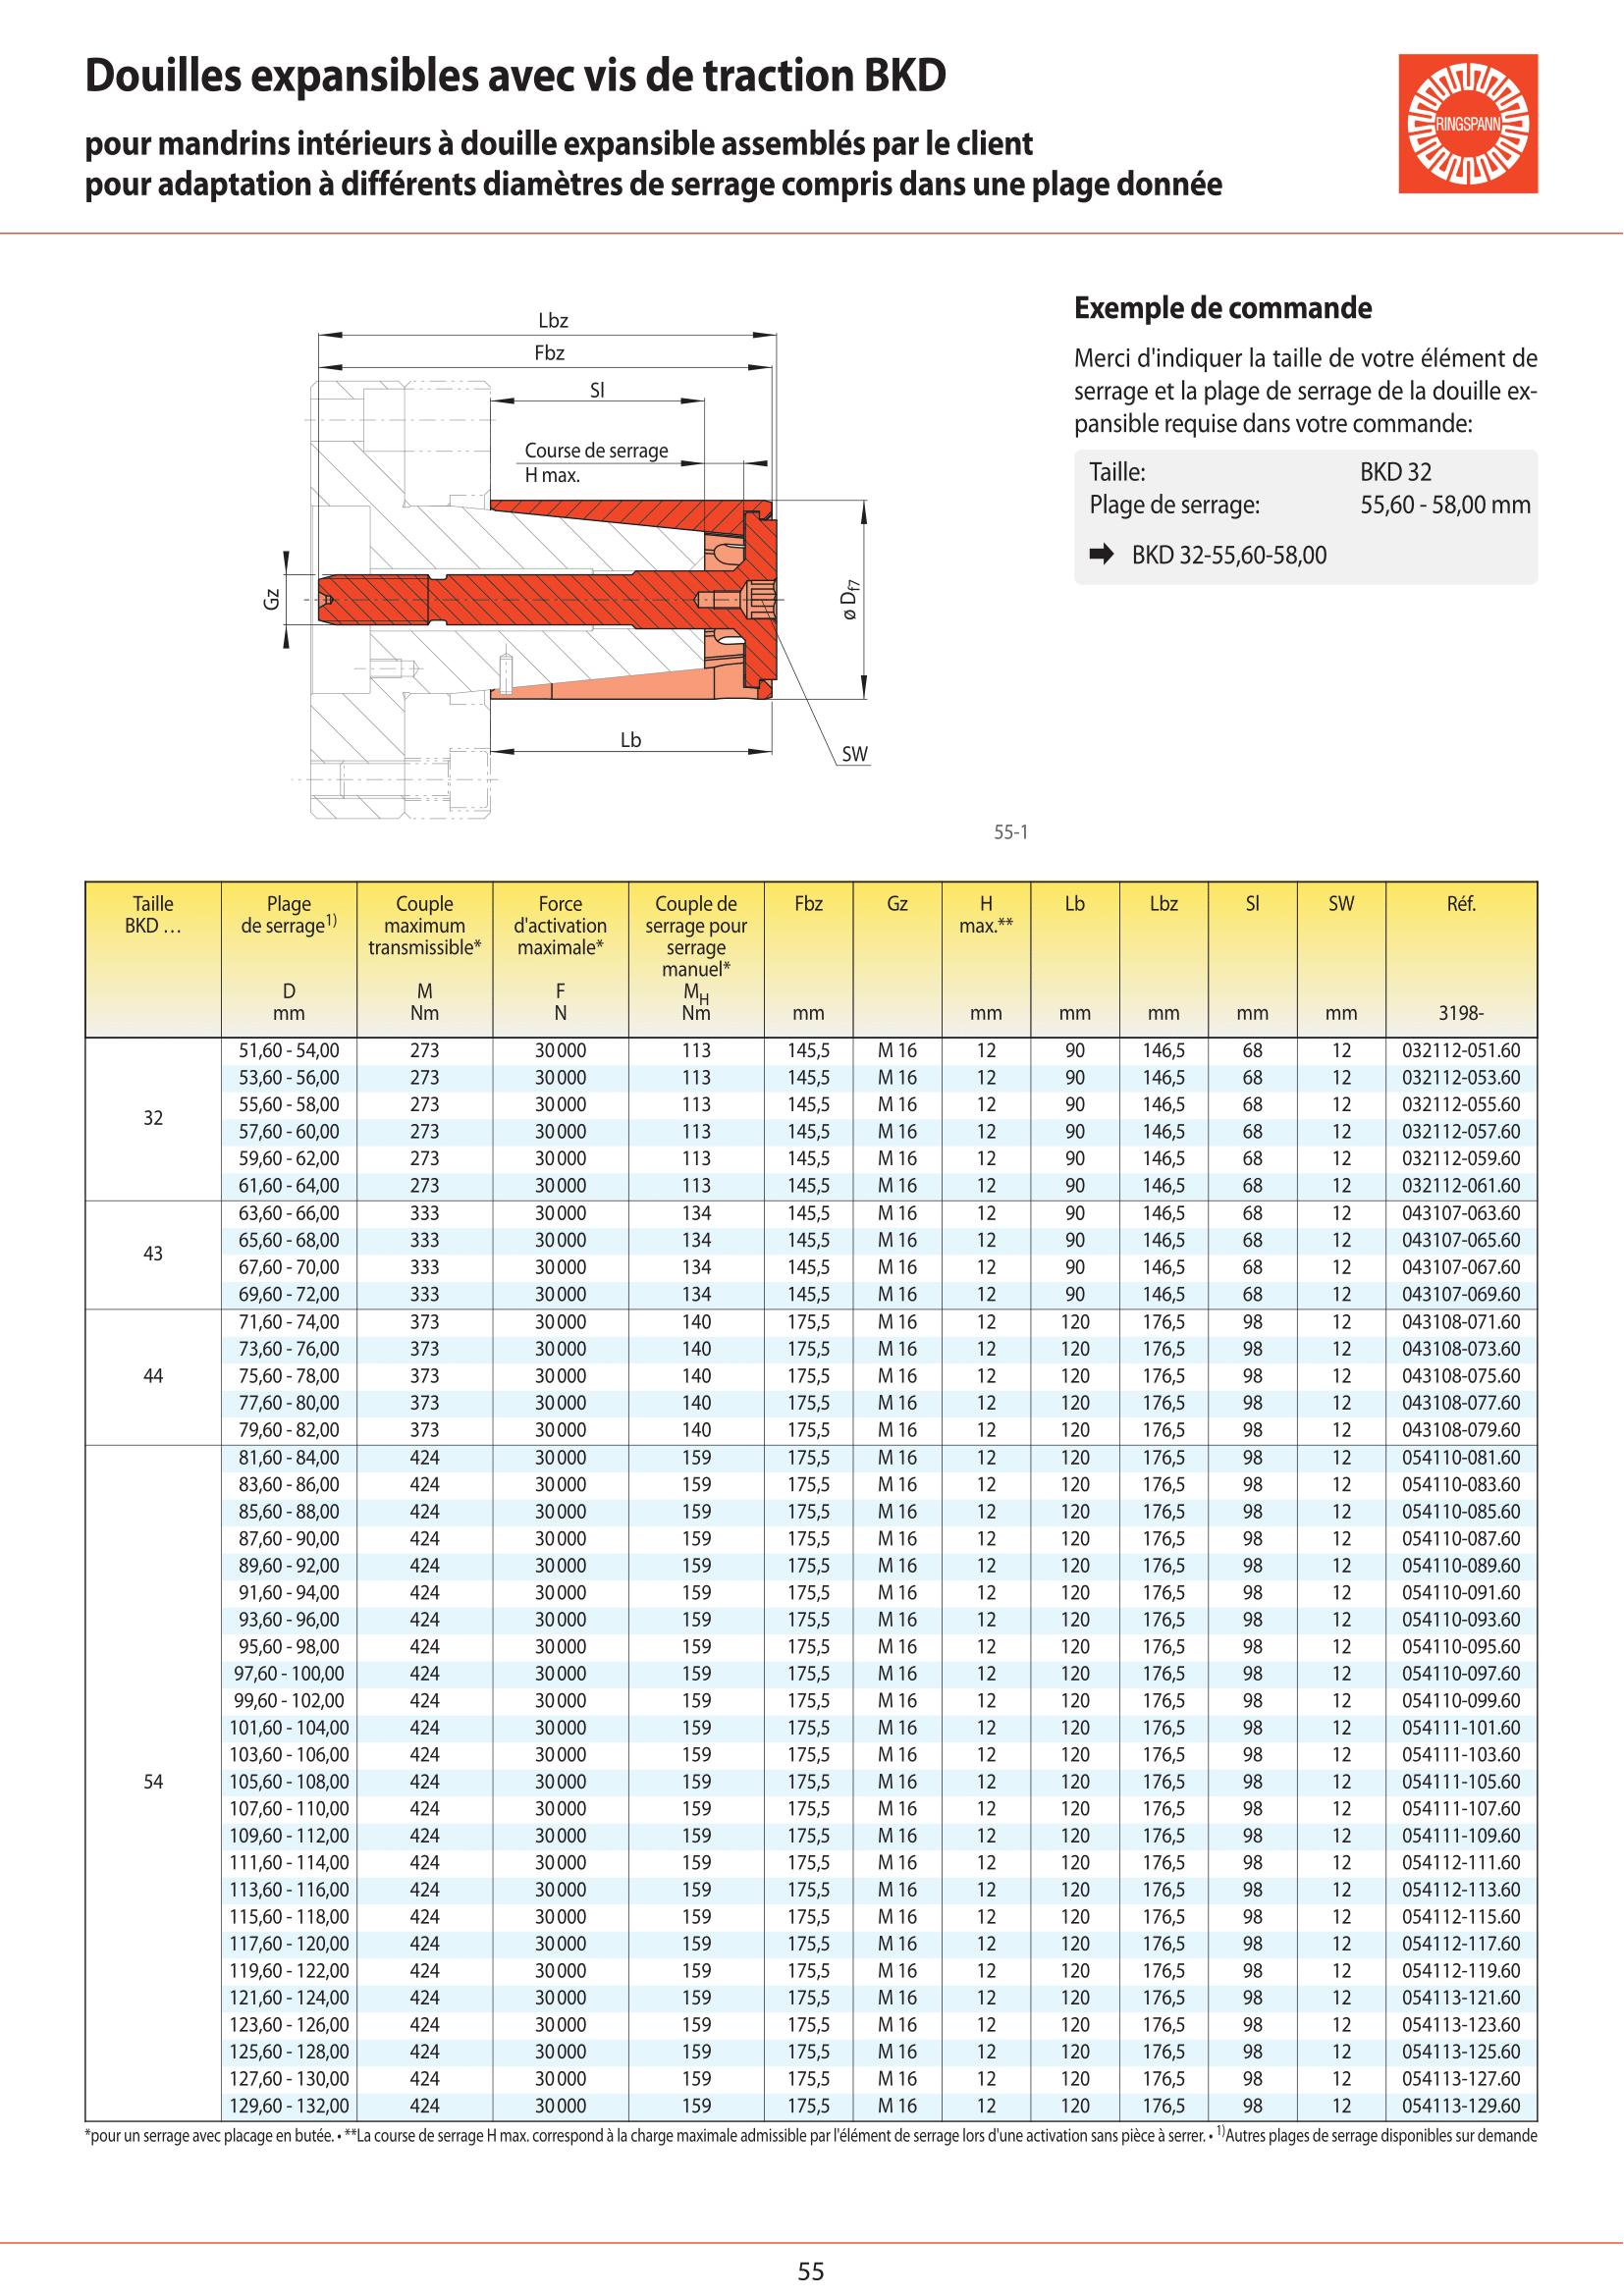 Fiche technique - BKDF 19 page 4